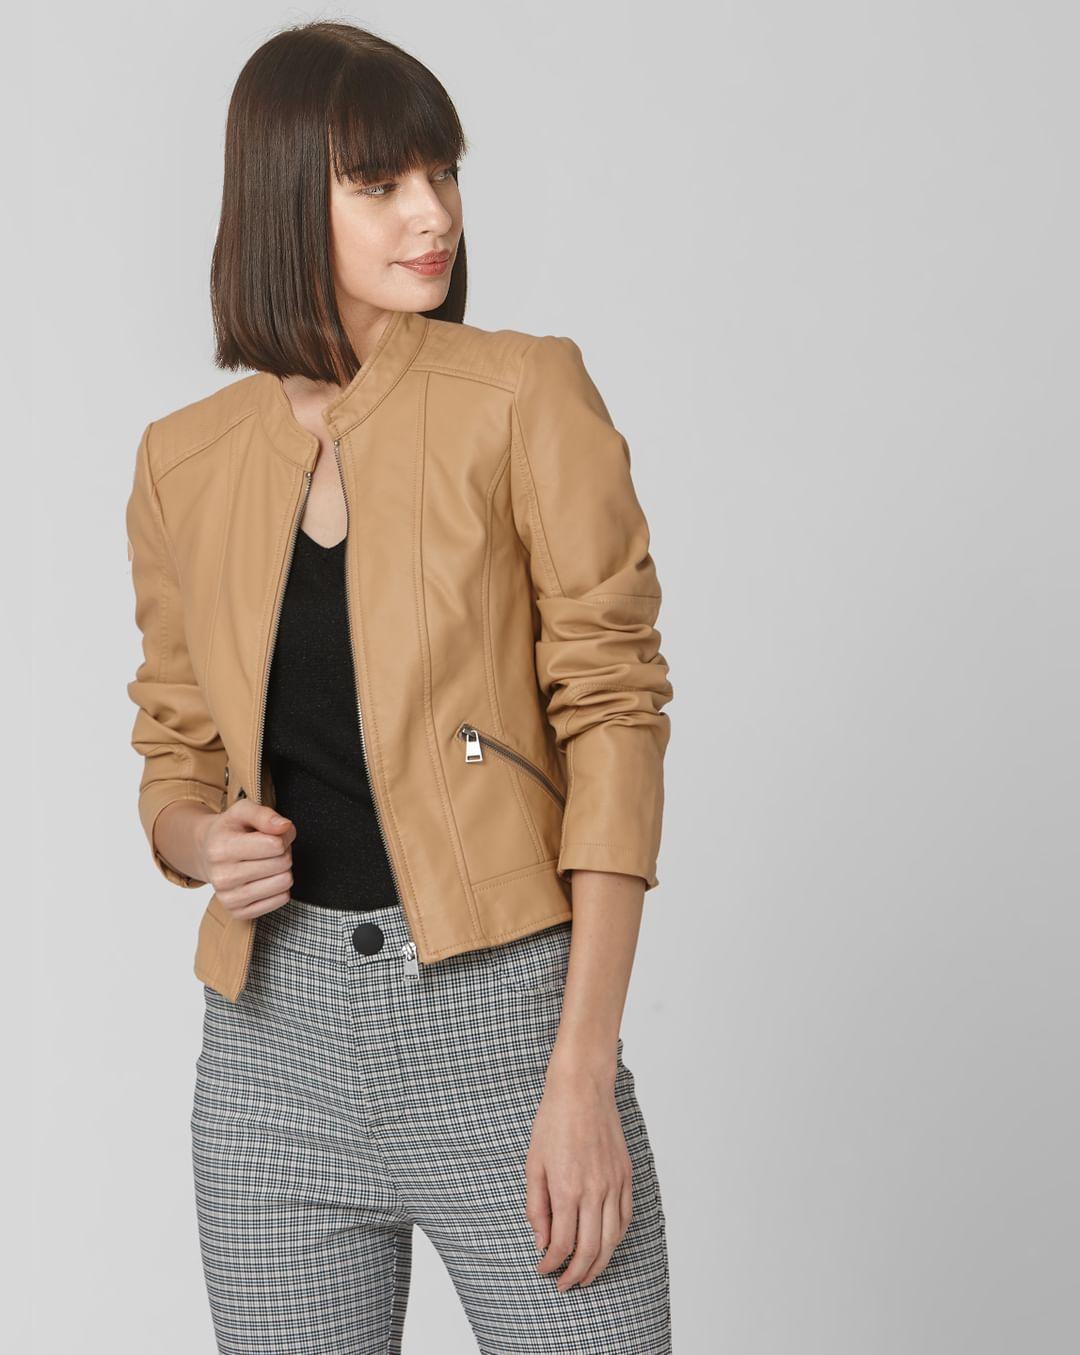 Buy Women Tan Faux Leather Biker Jacket online | VeroModa